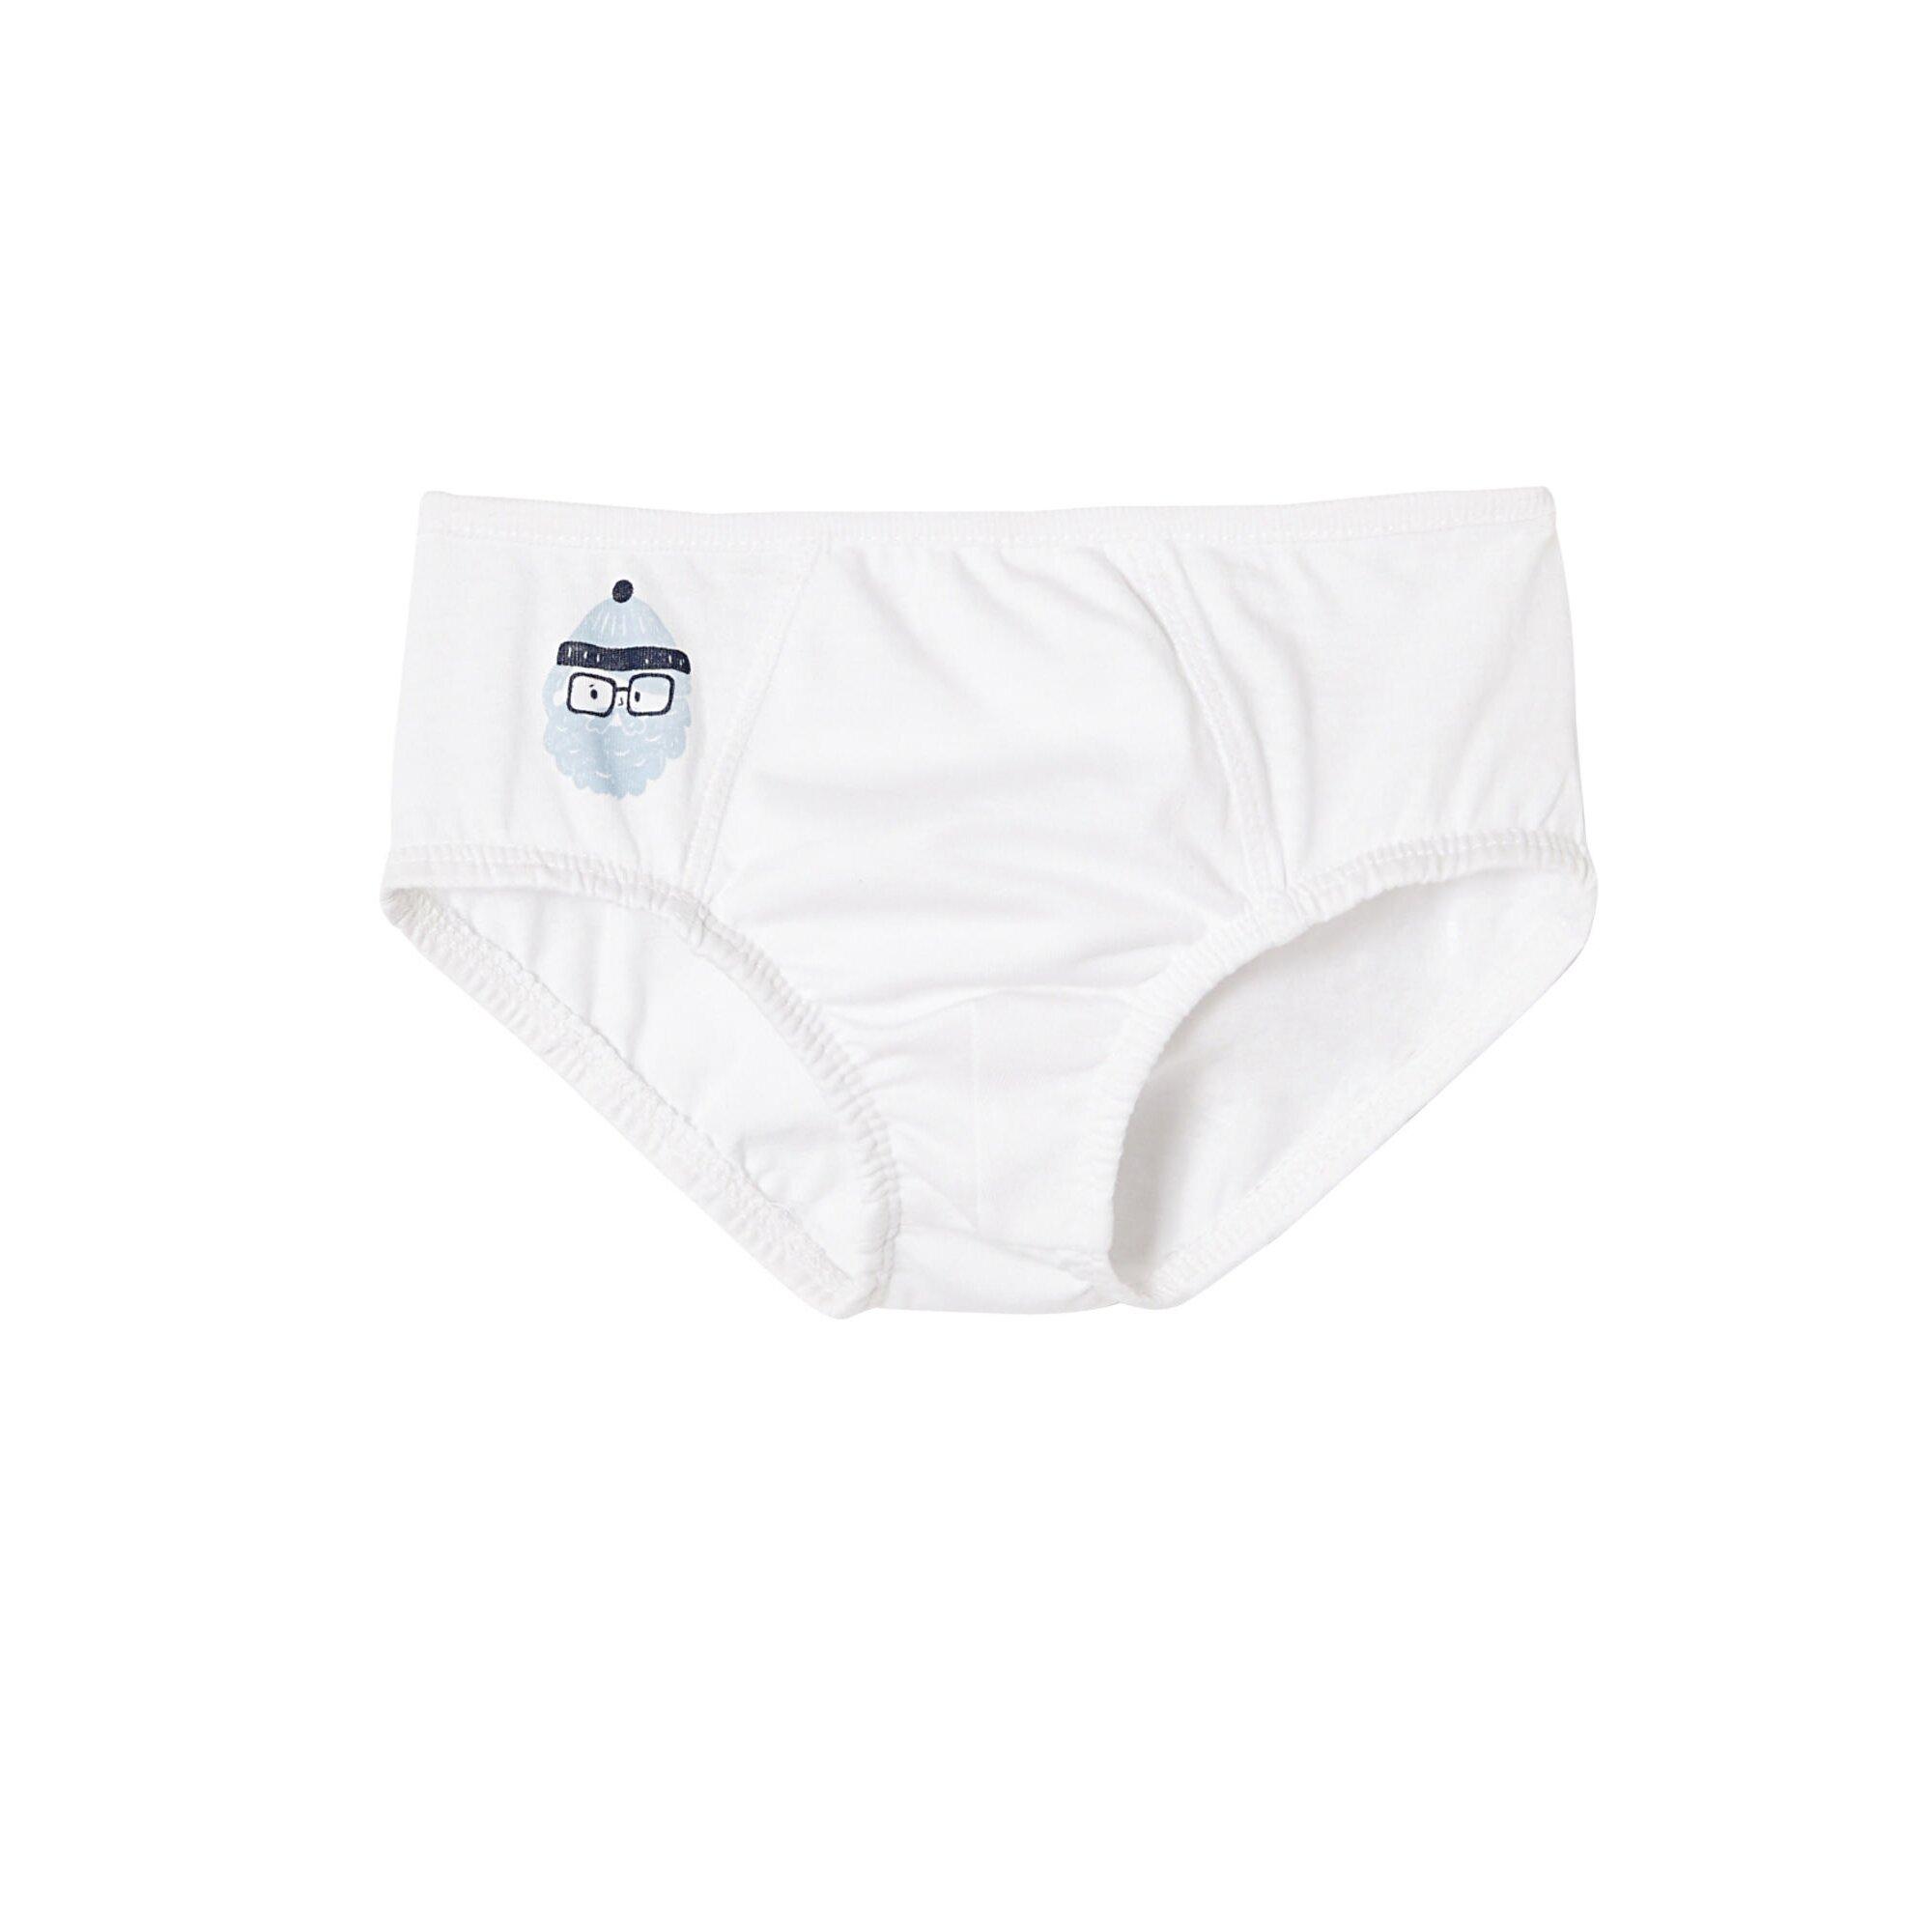 vertbaudet-7er-pack-jungen-slips, 15.99 EUR @ babywalz-de